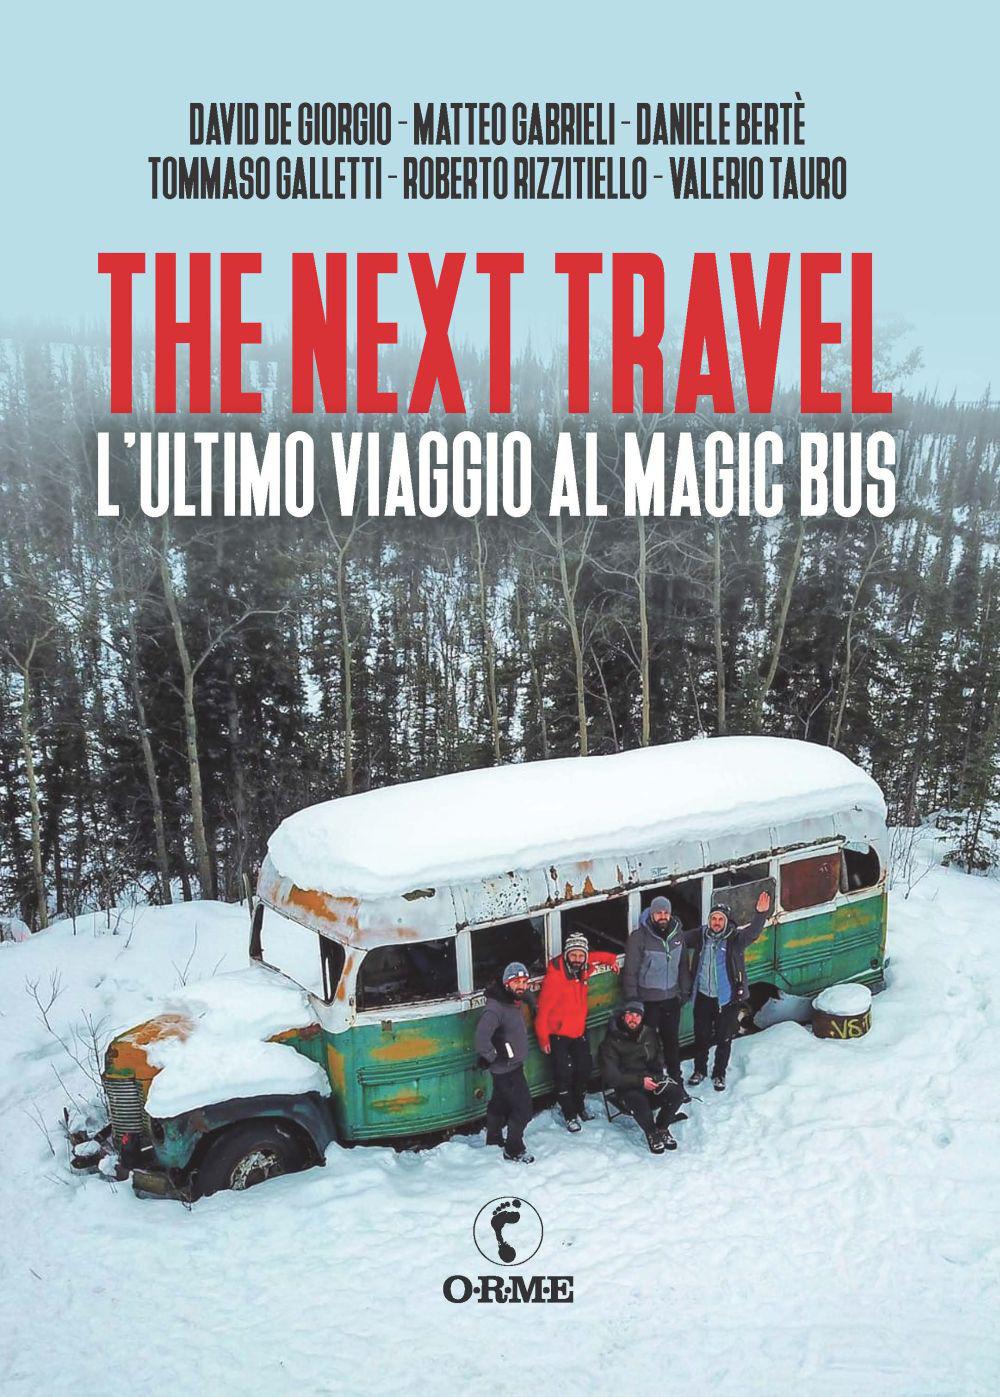 NEXT TRAVEL. L'ULTIMO VIAGGIO AL MAGIC BUS - De Giorgio David; Gabrieli Matteo; Berté Daniele - 9788867101597